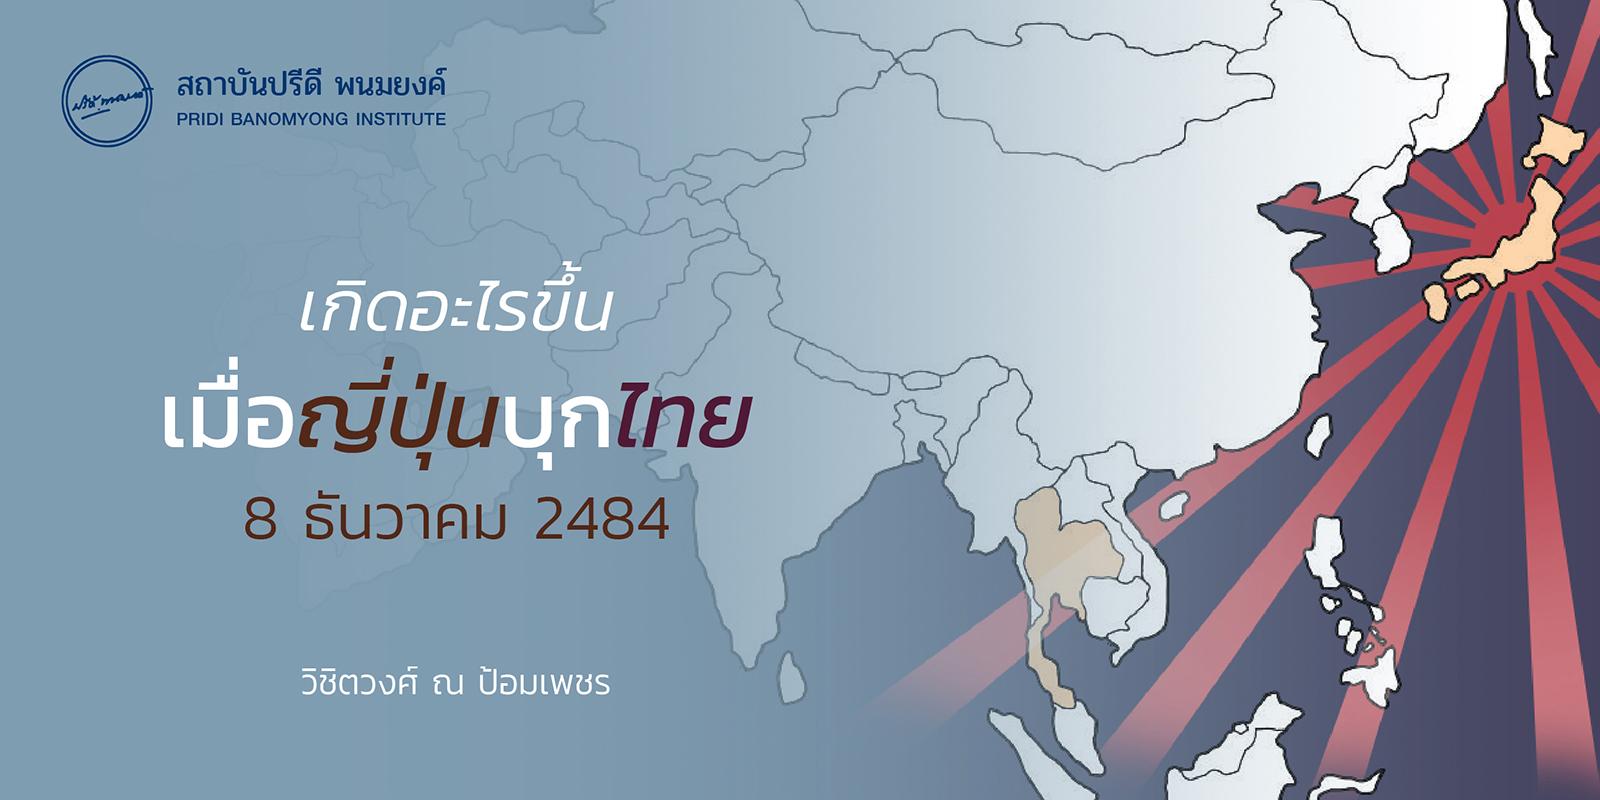 เกิดอะไรขึ้นเมื่อญี่ปุ่นบุกไทย 8 ธันวาคม 2484